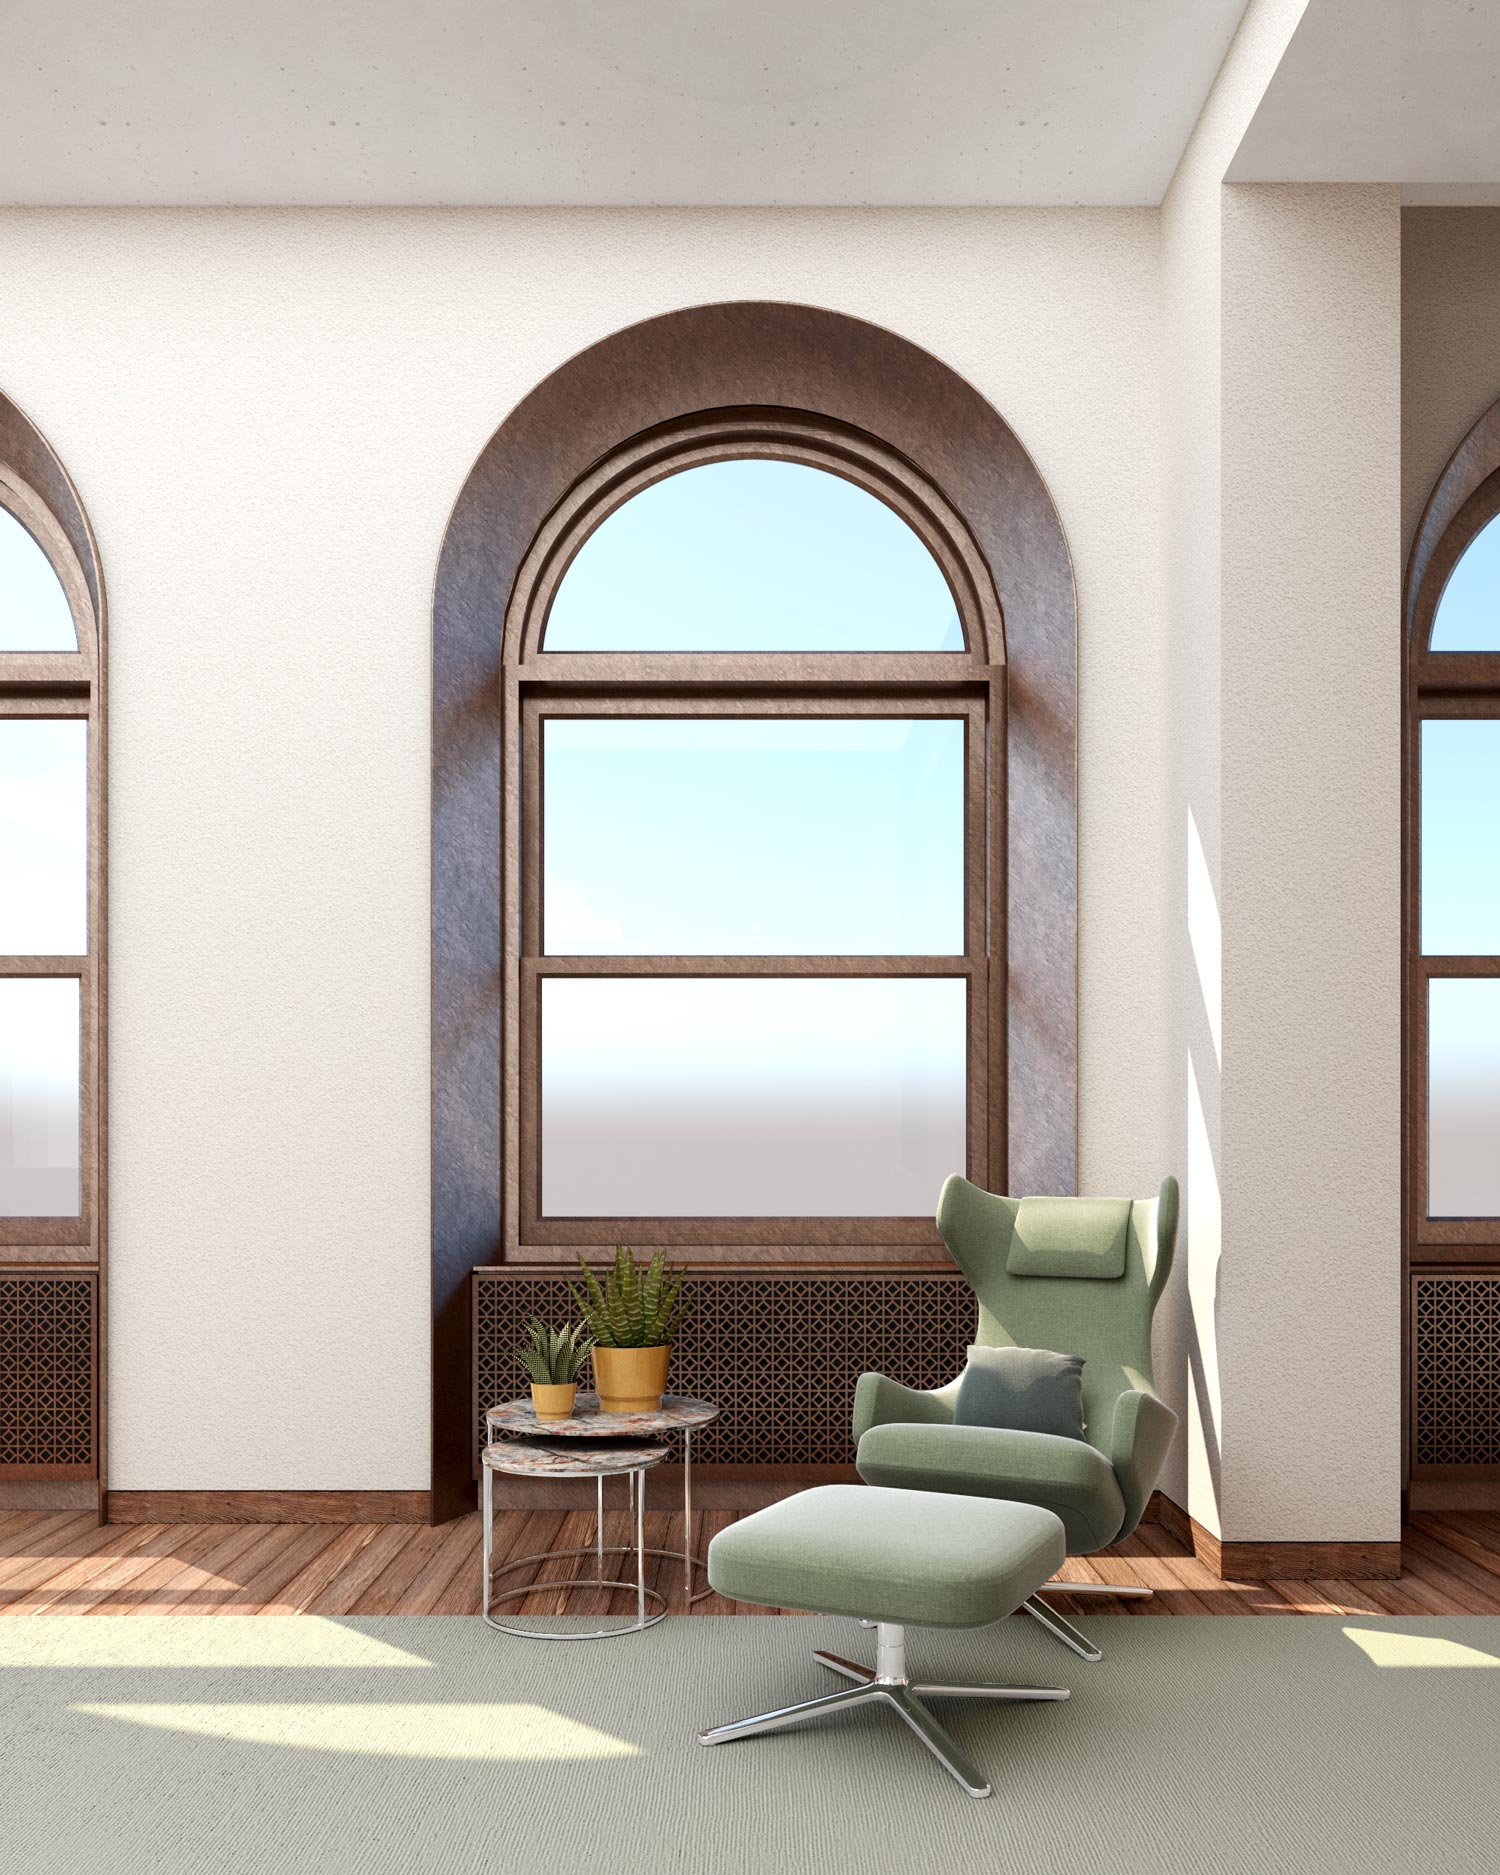 interior-window-detail.jpg